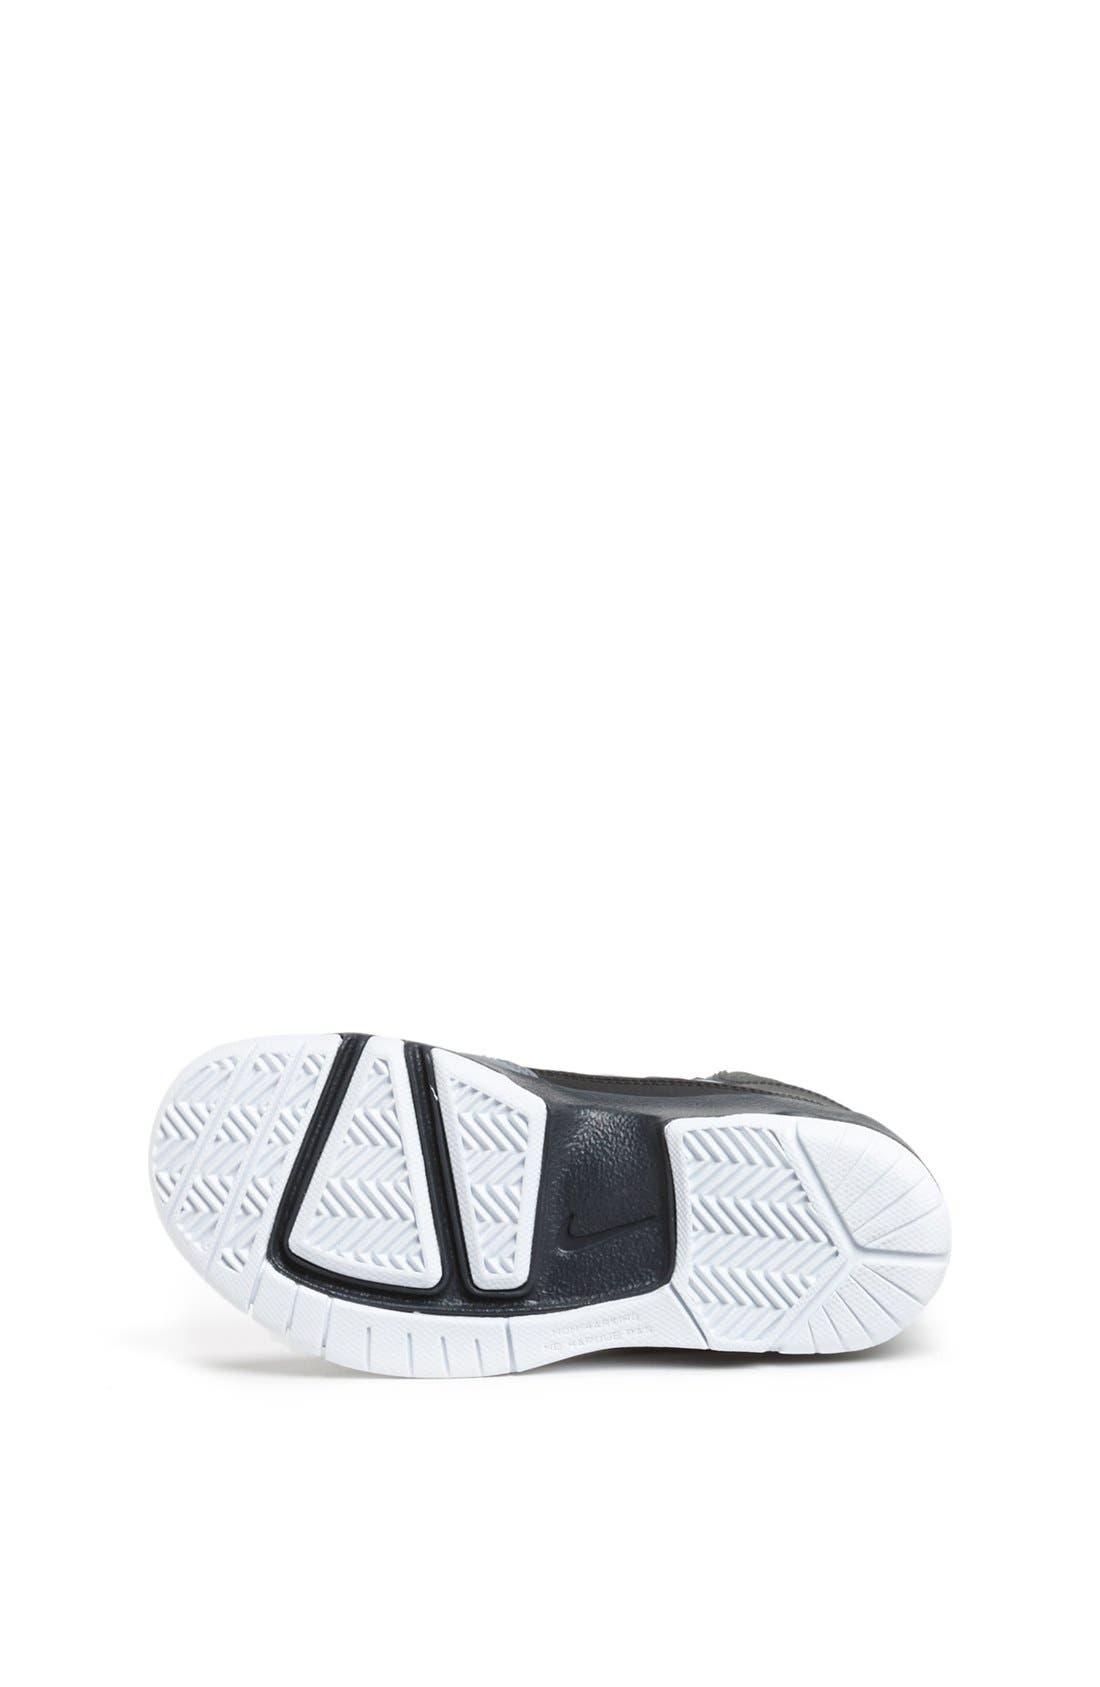 Alternate Image 4  - Nike 'Stutter Step' Basketball Shoe (Toddler & Little Kid)